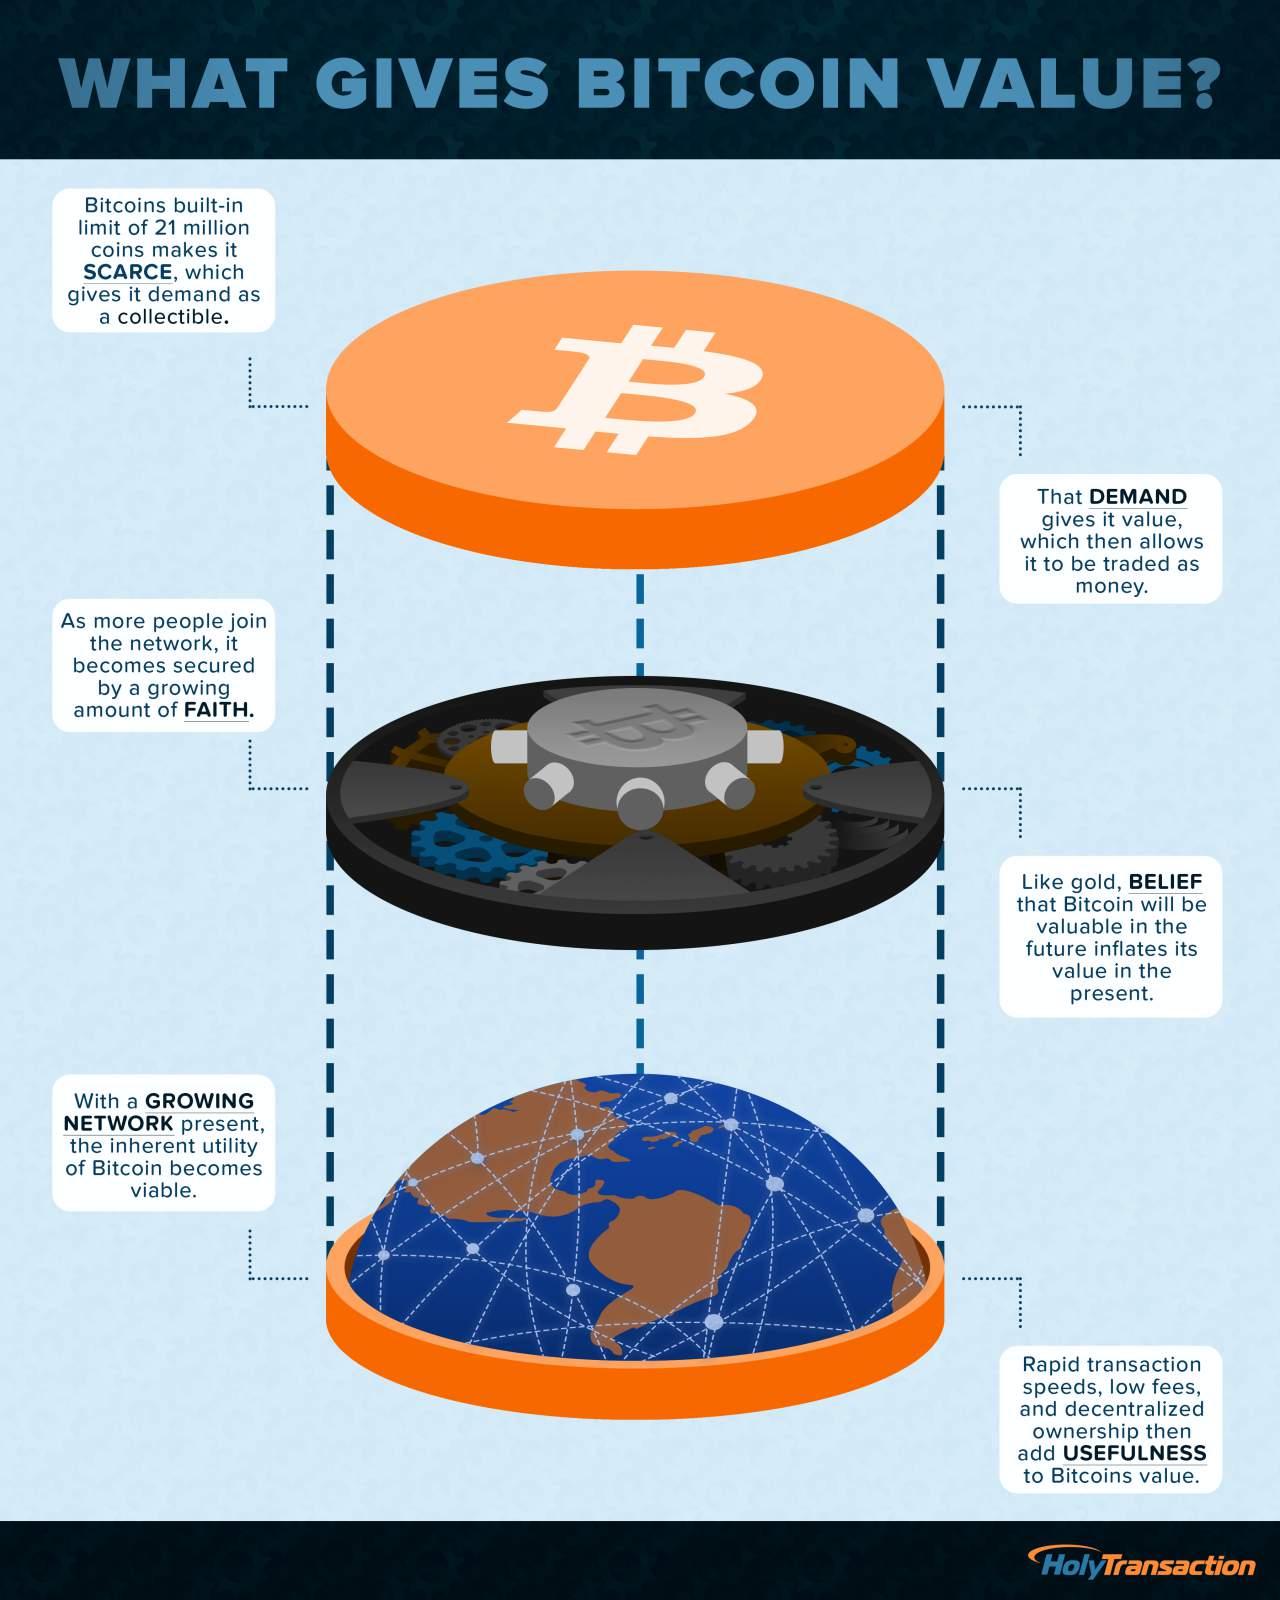 mi adja a bitcoin értékét?